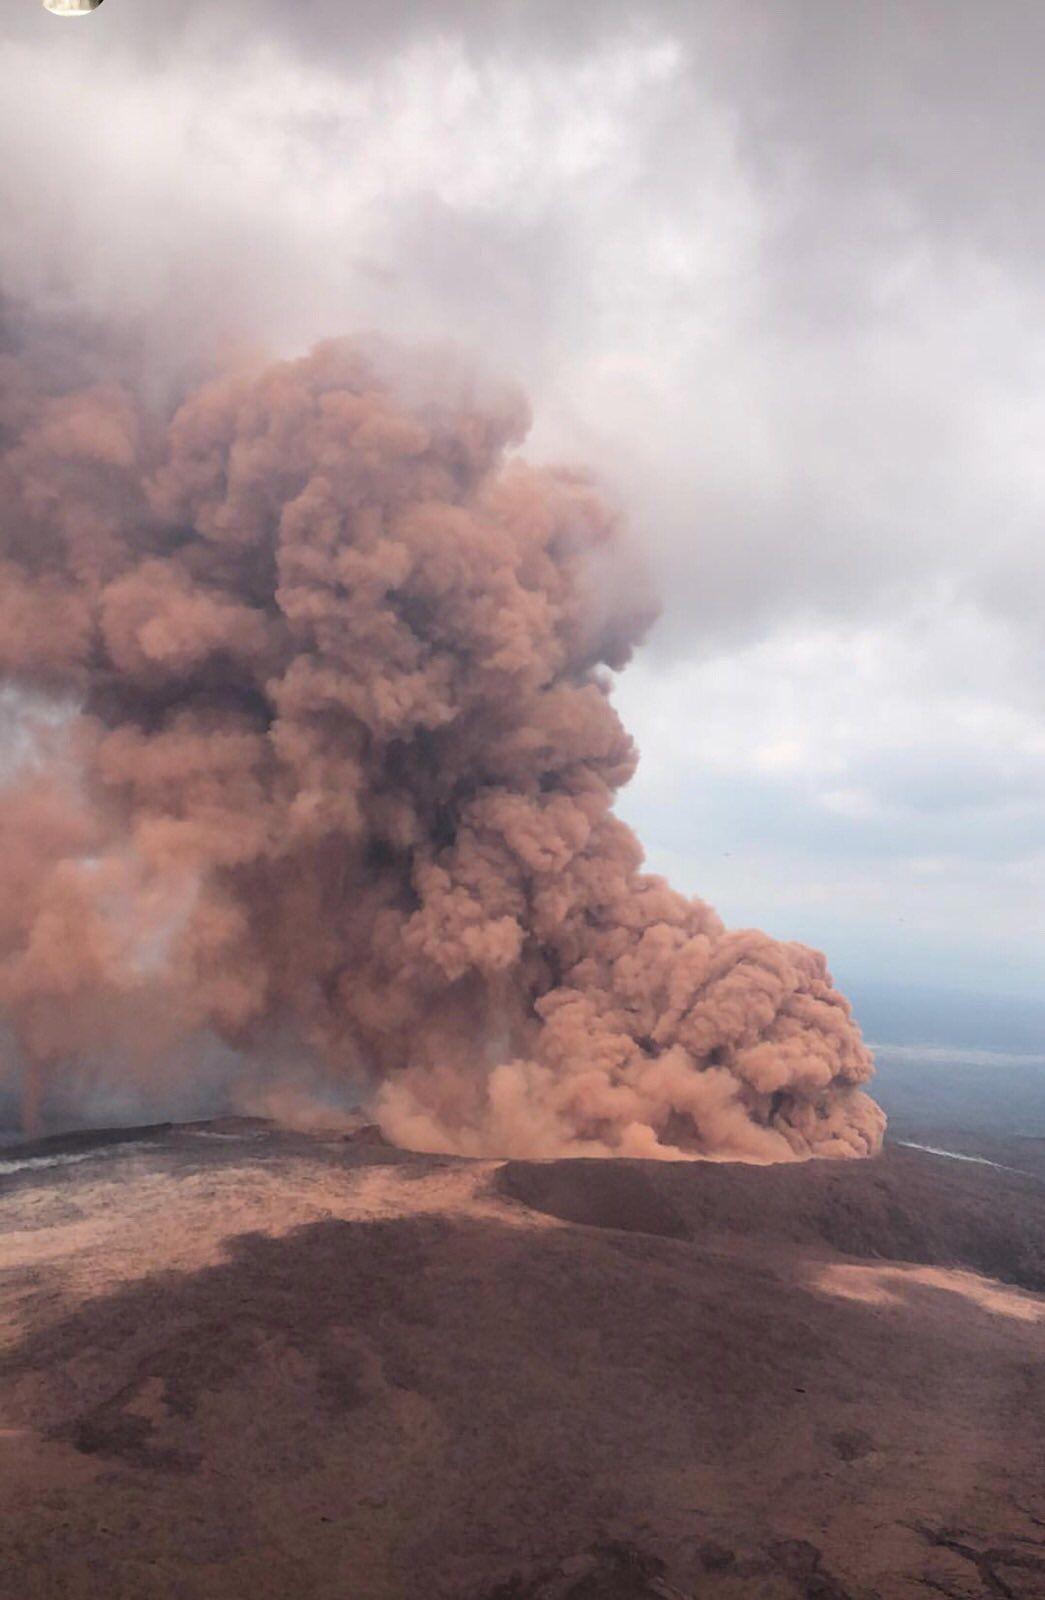 Kilauea - 04.05.2018 Séisme M 6,9 / 22h32 UTC / 5.0 km depth (rond bleu) - doc.USGS.  et réaction du Pu' O'o après le séisme (effondrement) - photo Lynn Kawano